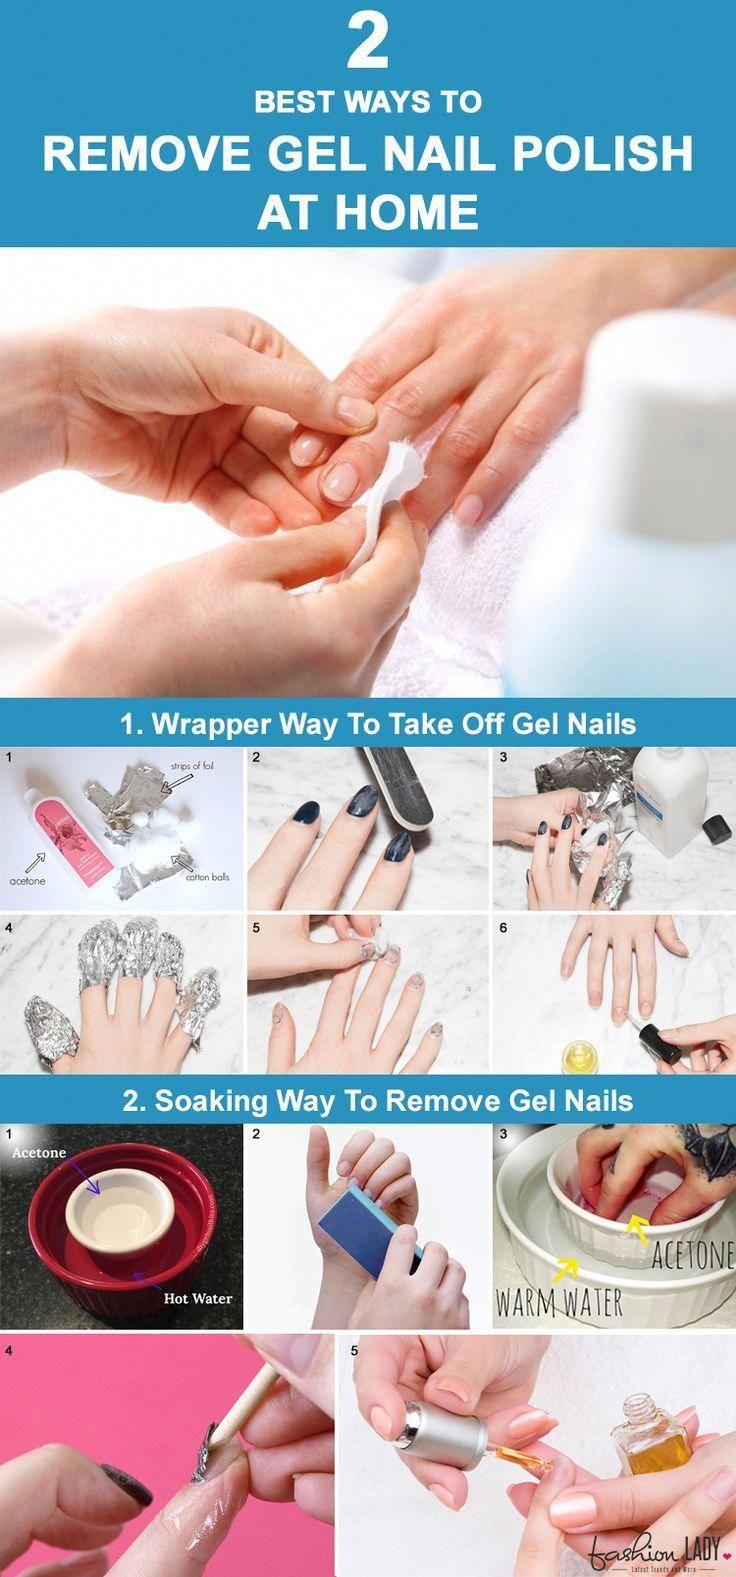 Pin By Natali Oblak On Elegant Nails In 2020 Gel Nail Removal Gel Nail Varnish Gel Nail Extensions